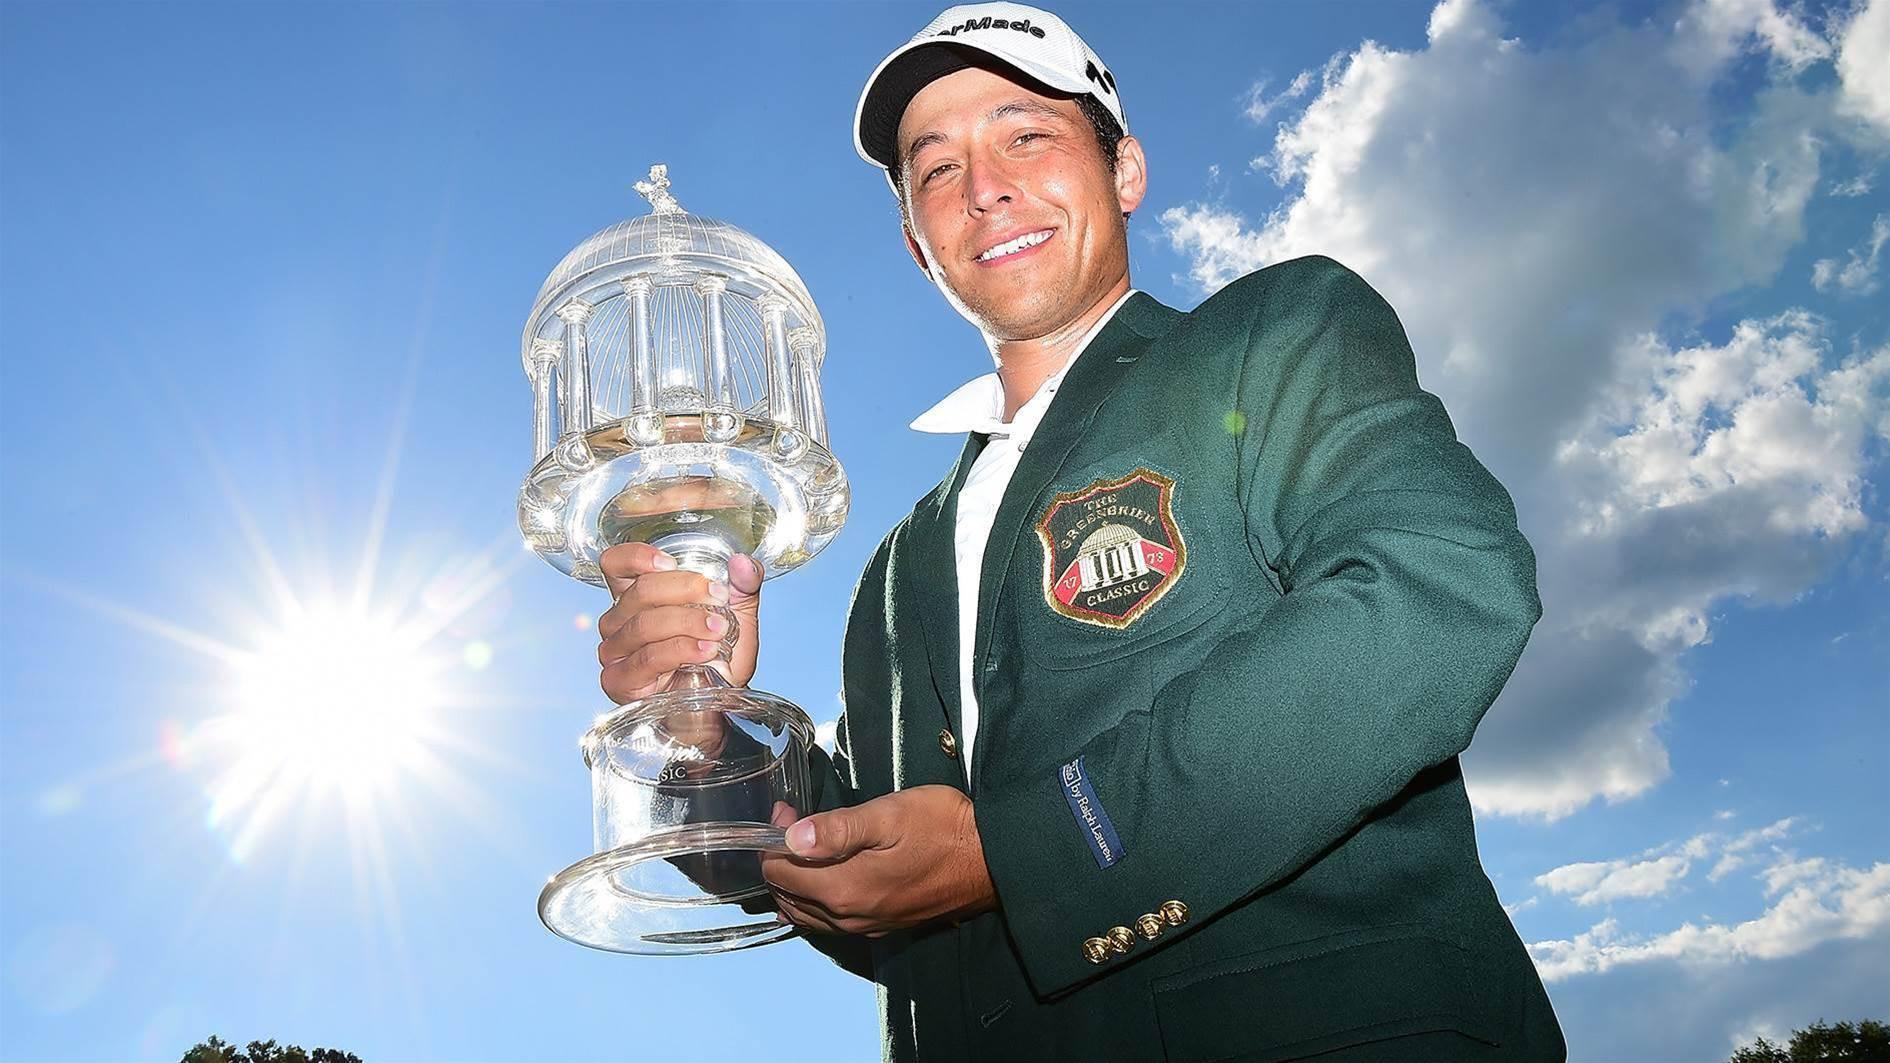 PGA TOUR: Rookie Schauffele stands tall at Greenbrier